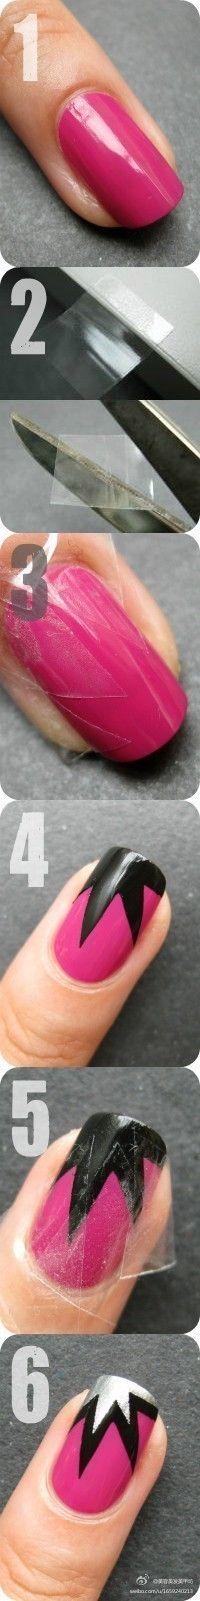 #nails #amazing